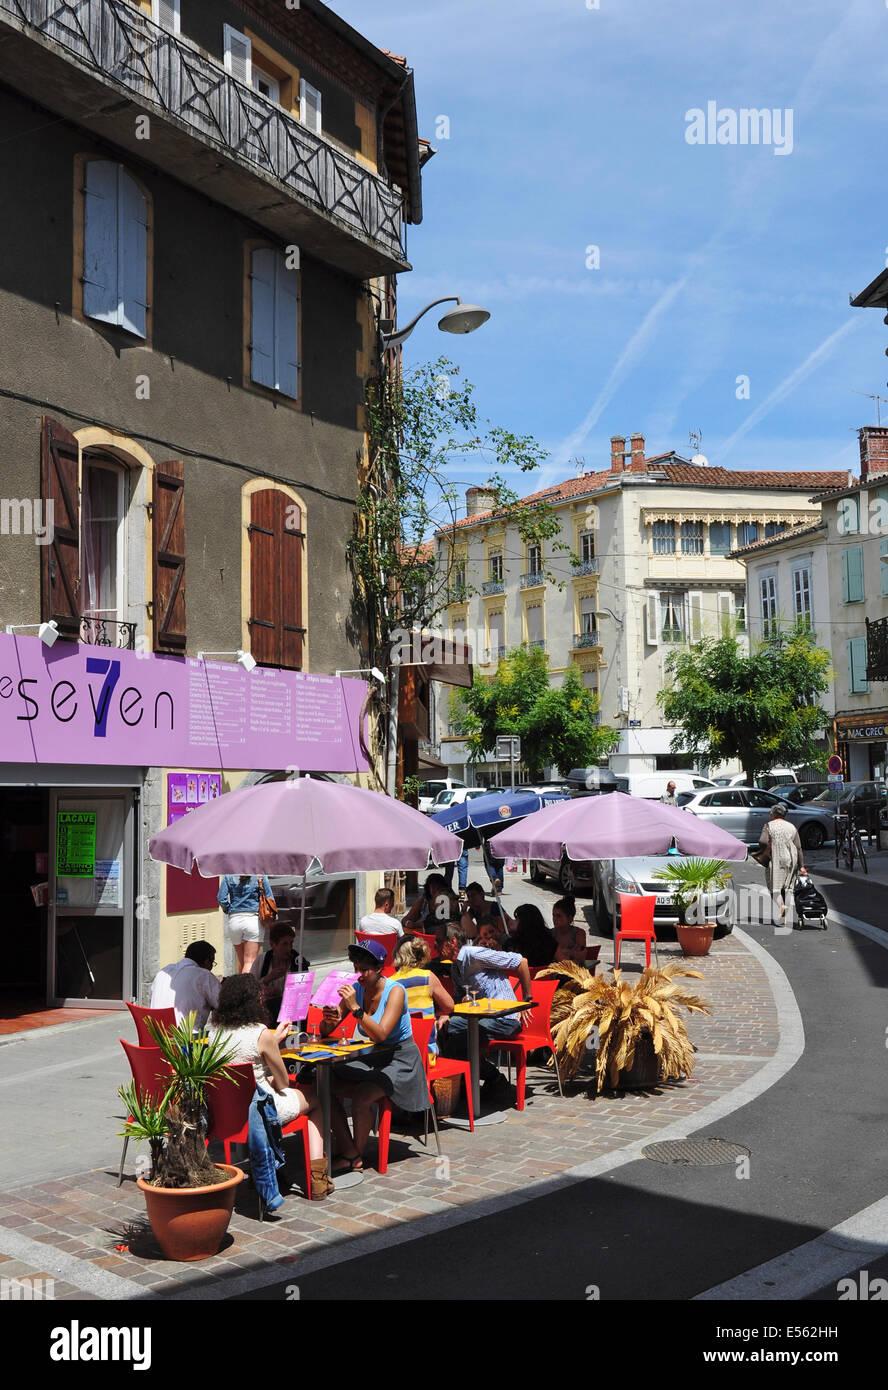 roadside cafe france stock photos roadside cafe france stock images alamy. Black Bedroom Furniture Sets. Home Design Ideas